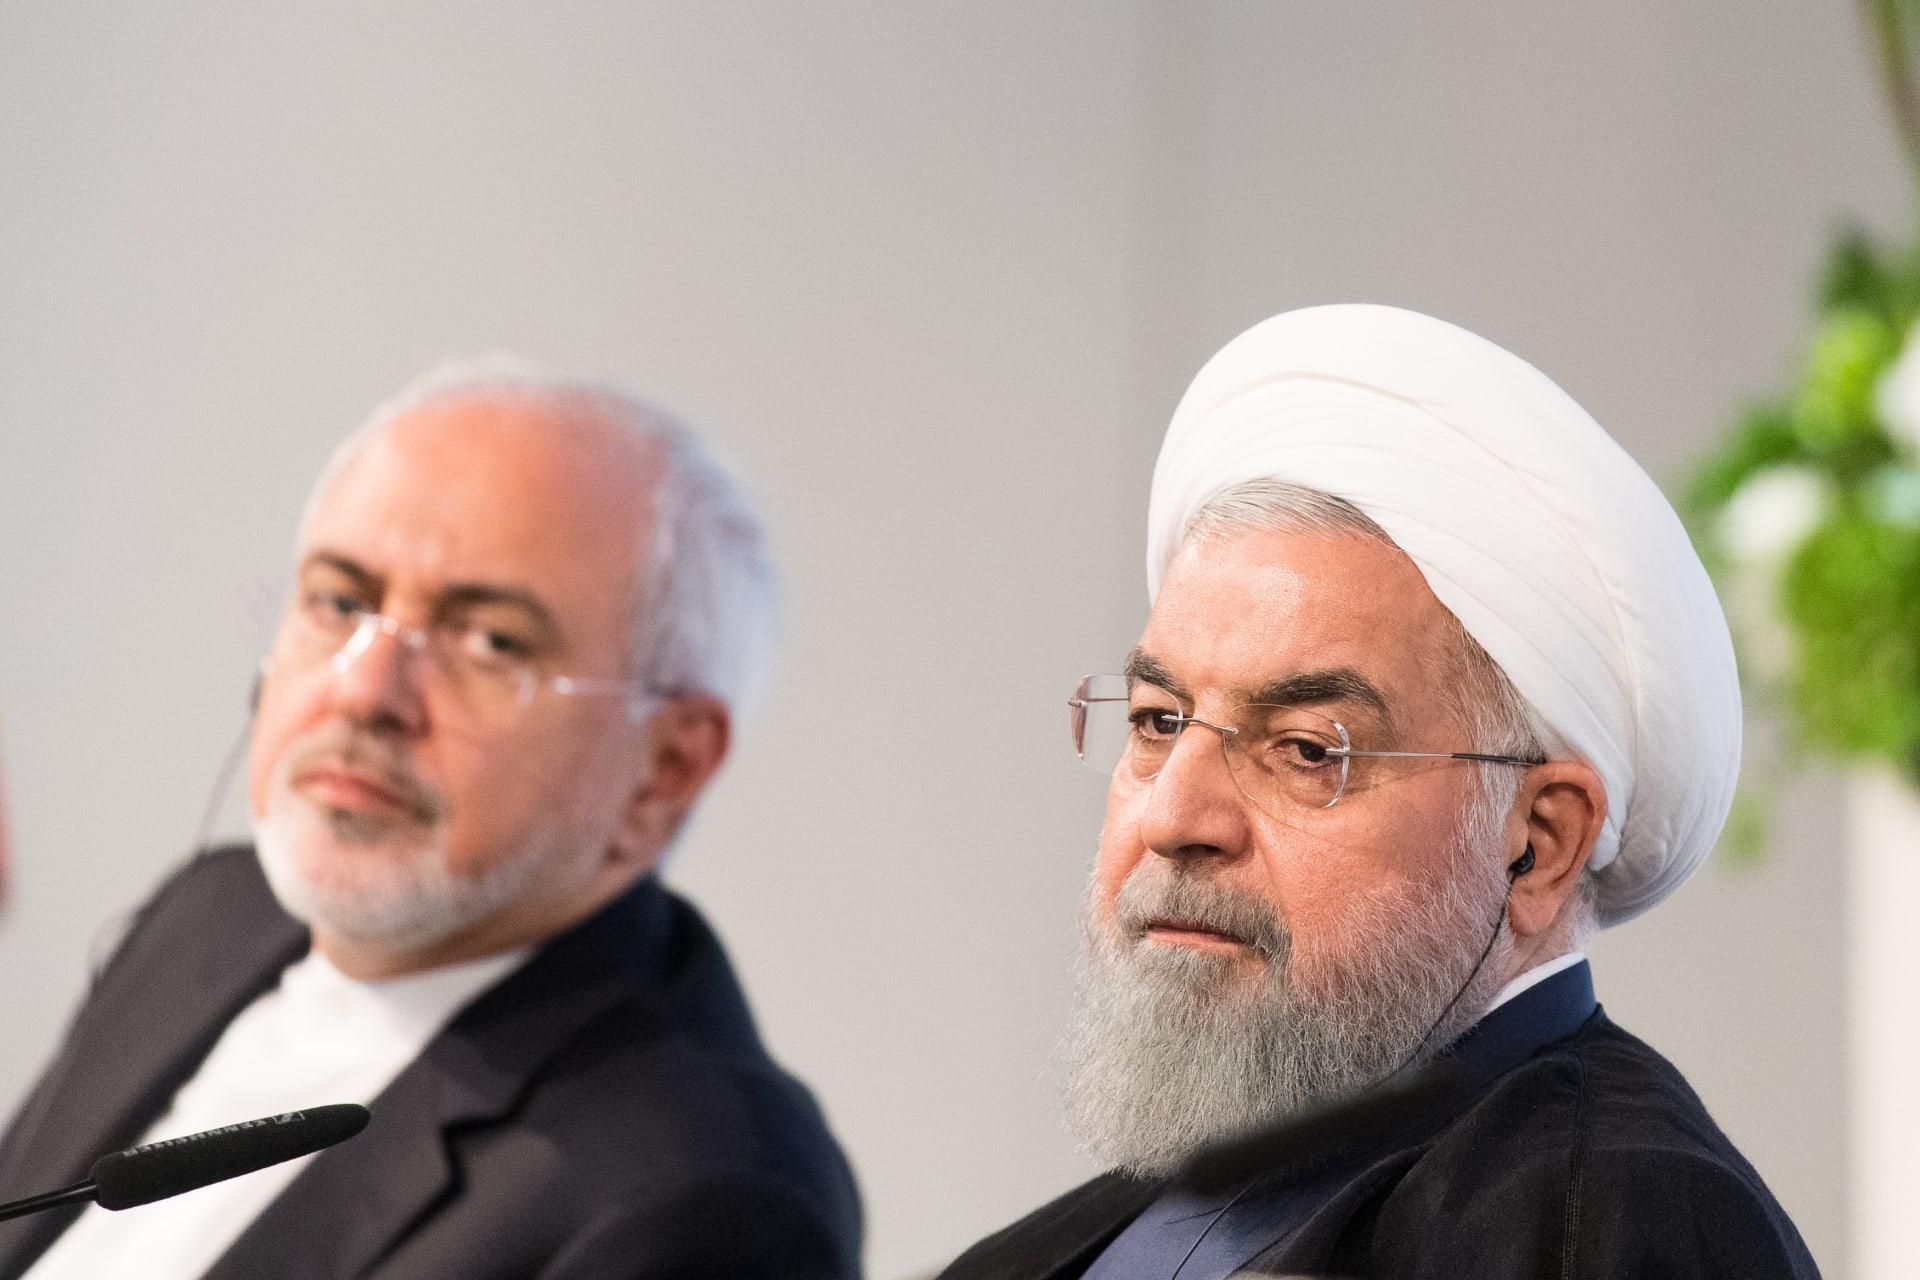 إيران لقمة التعاون الإسلامي في مكة: القبلة الأولى هي الأولوية.. والقدس ليست للبيع